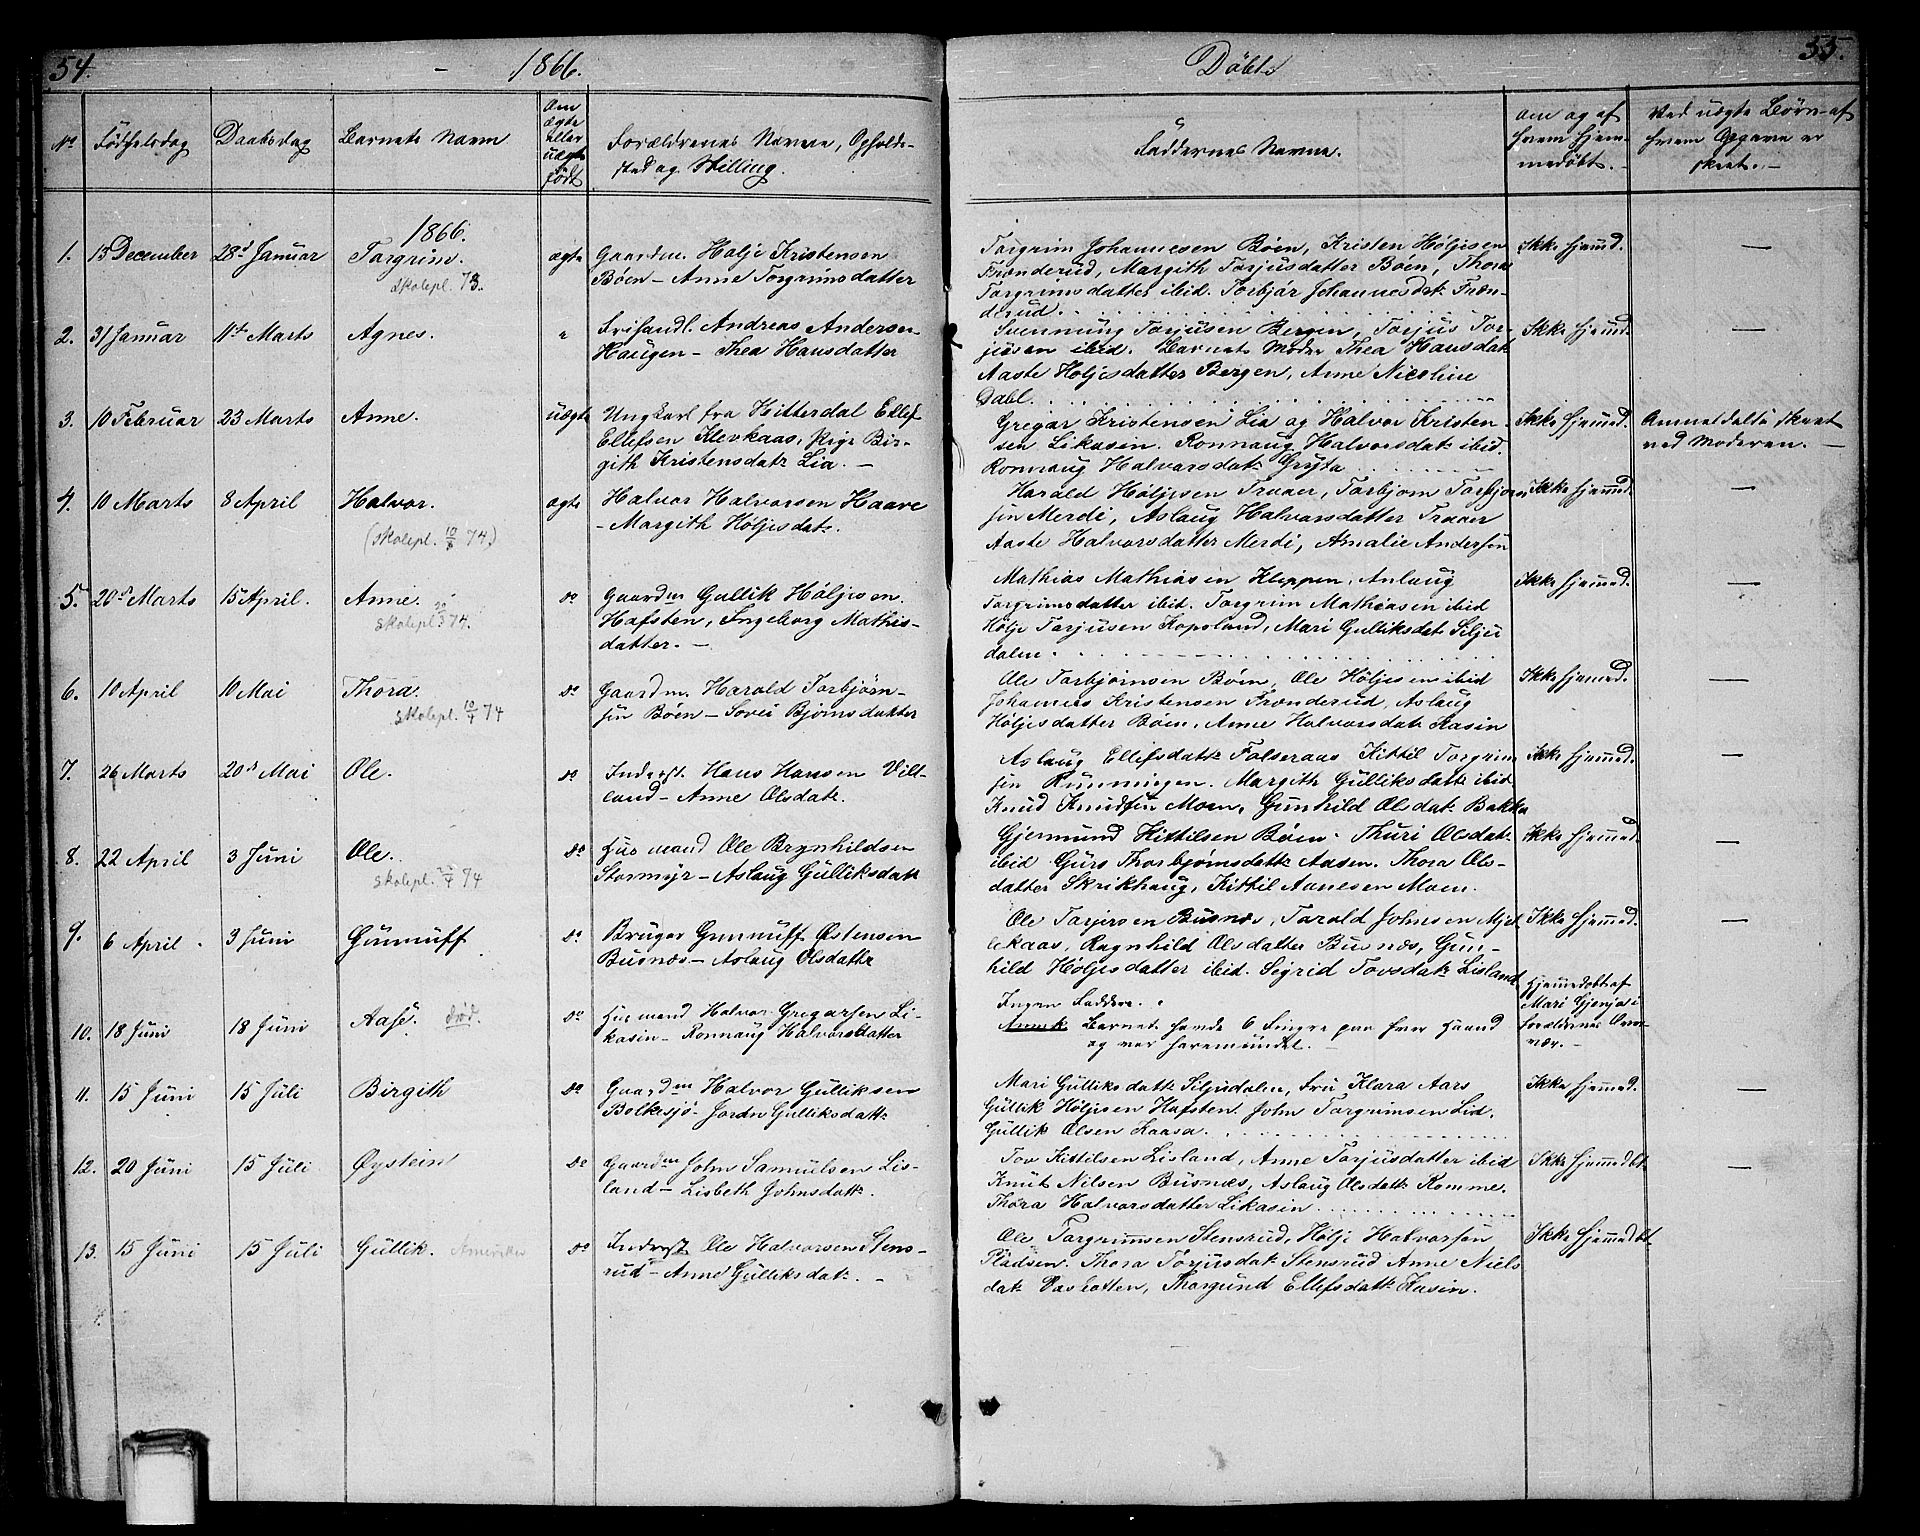 SAKO, Gransherad kirkebøker, G/Ga/L0002: Klokkerbok nr. I 2, 1854-1886, s. 54-55